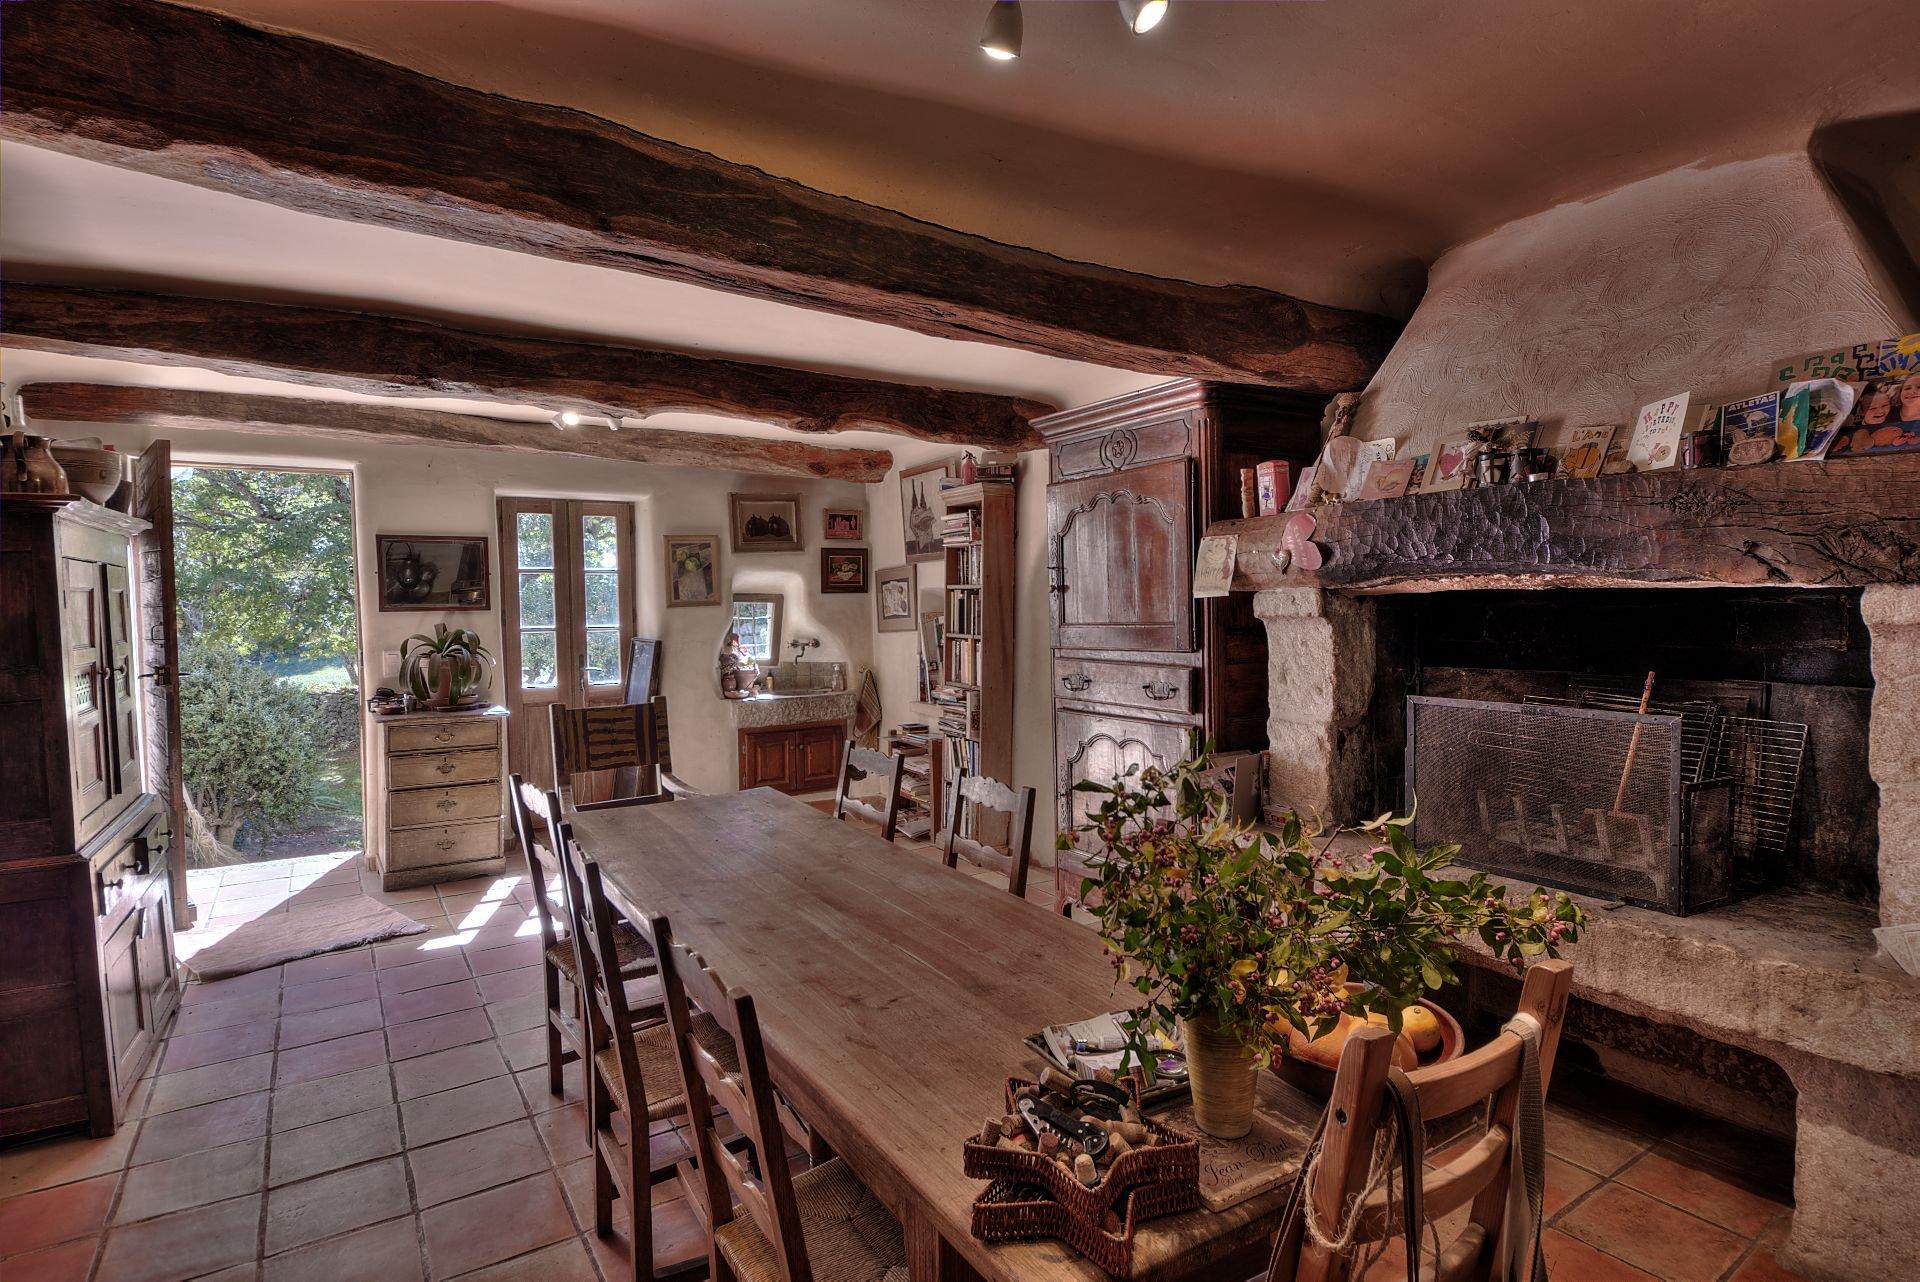 Cuisine Provençale, de la propriété en  pierre de 35 ha haut Var Verdon